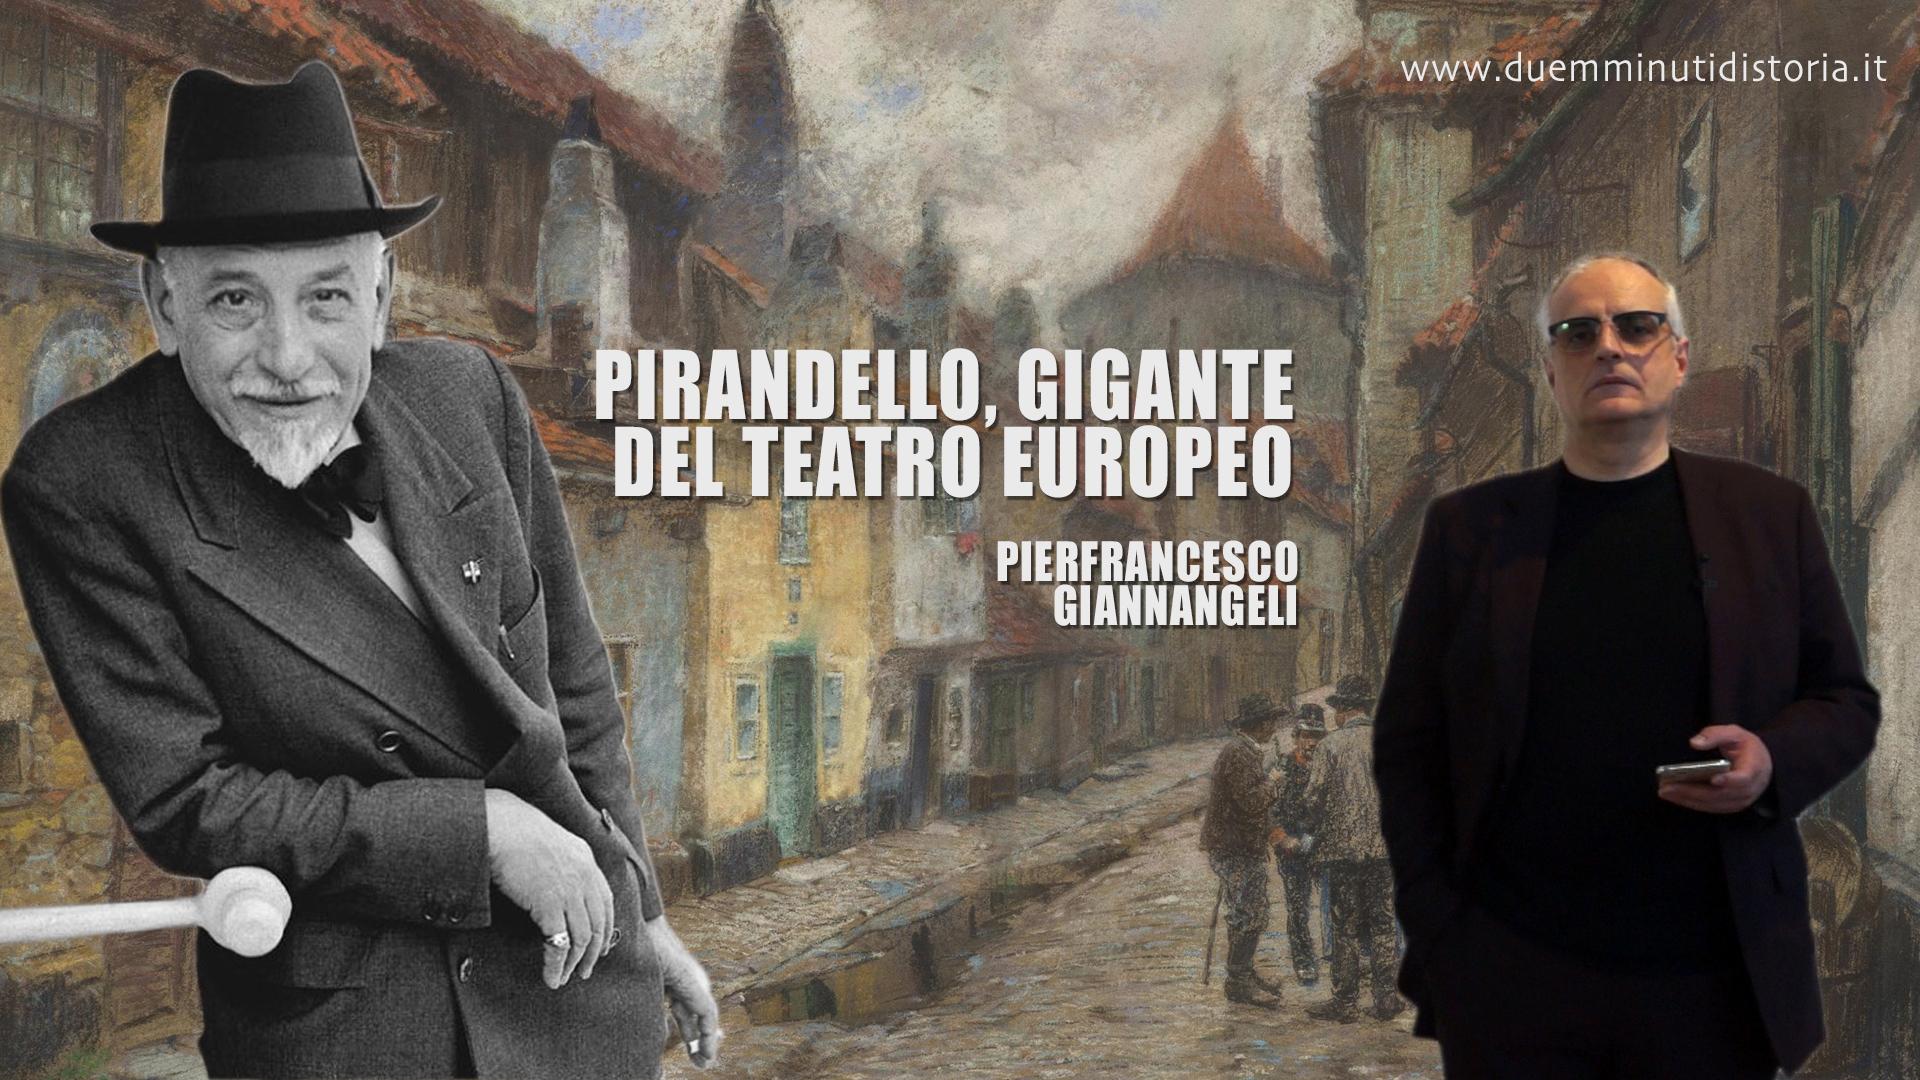 Pirandello, gigante del teatro Europeo